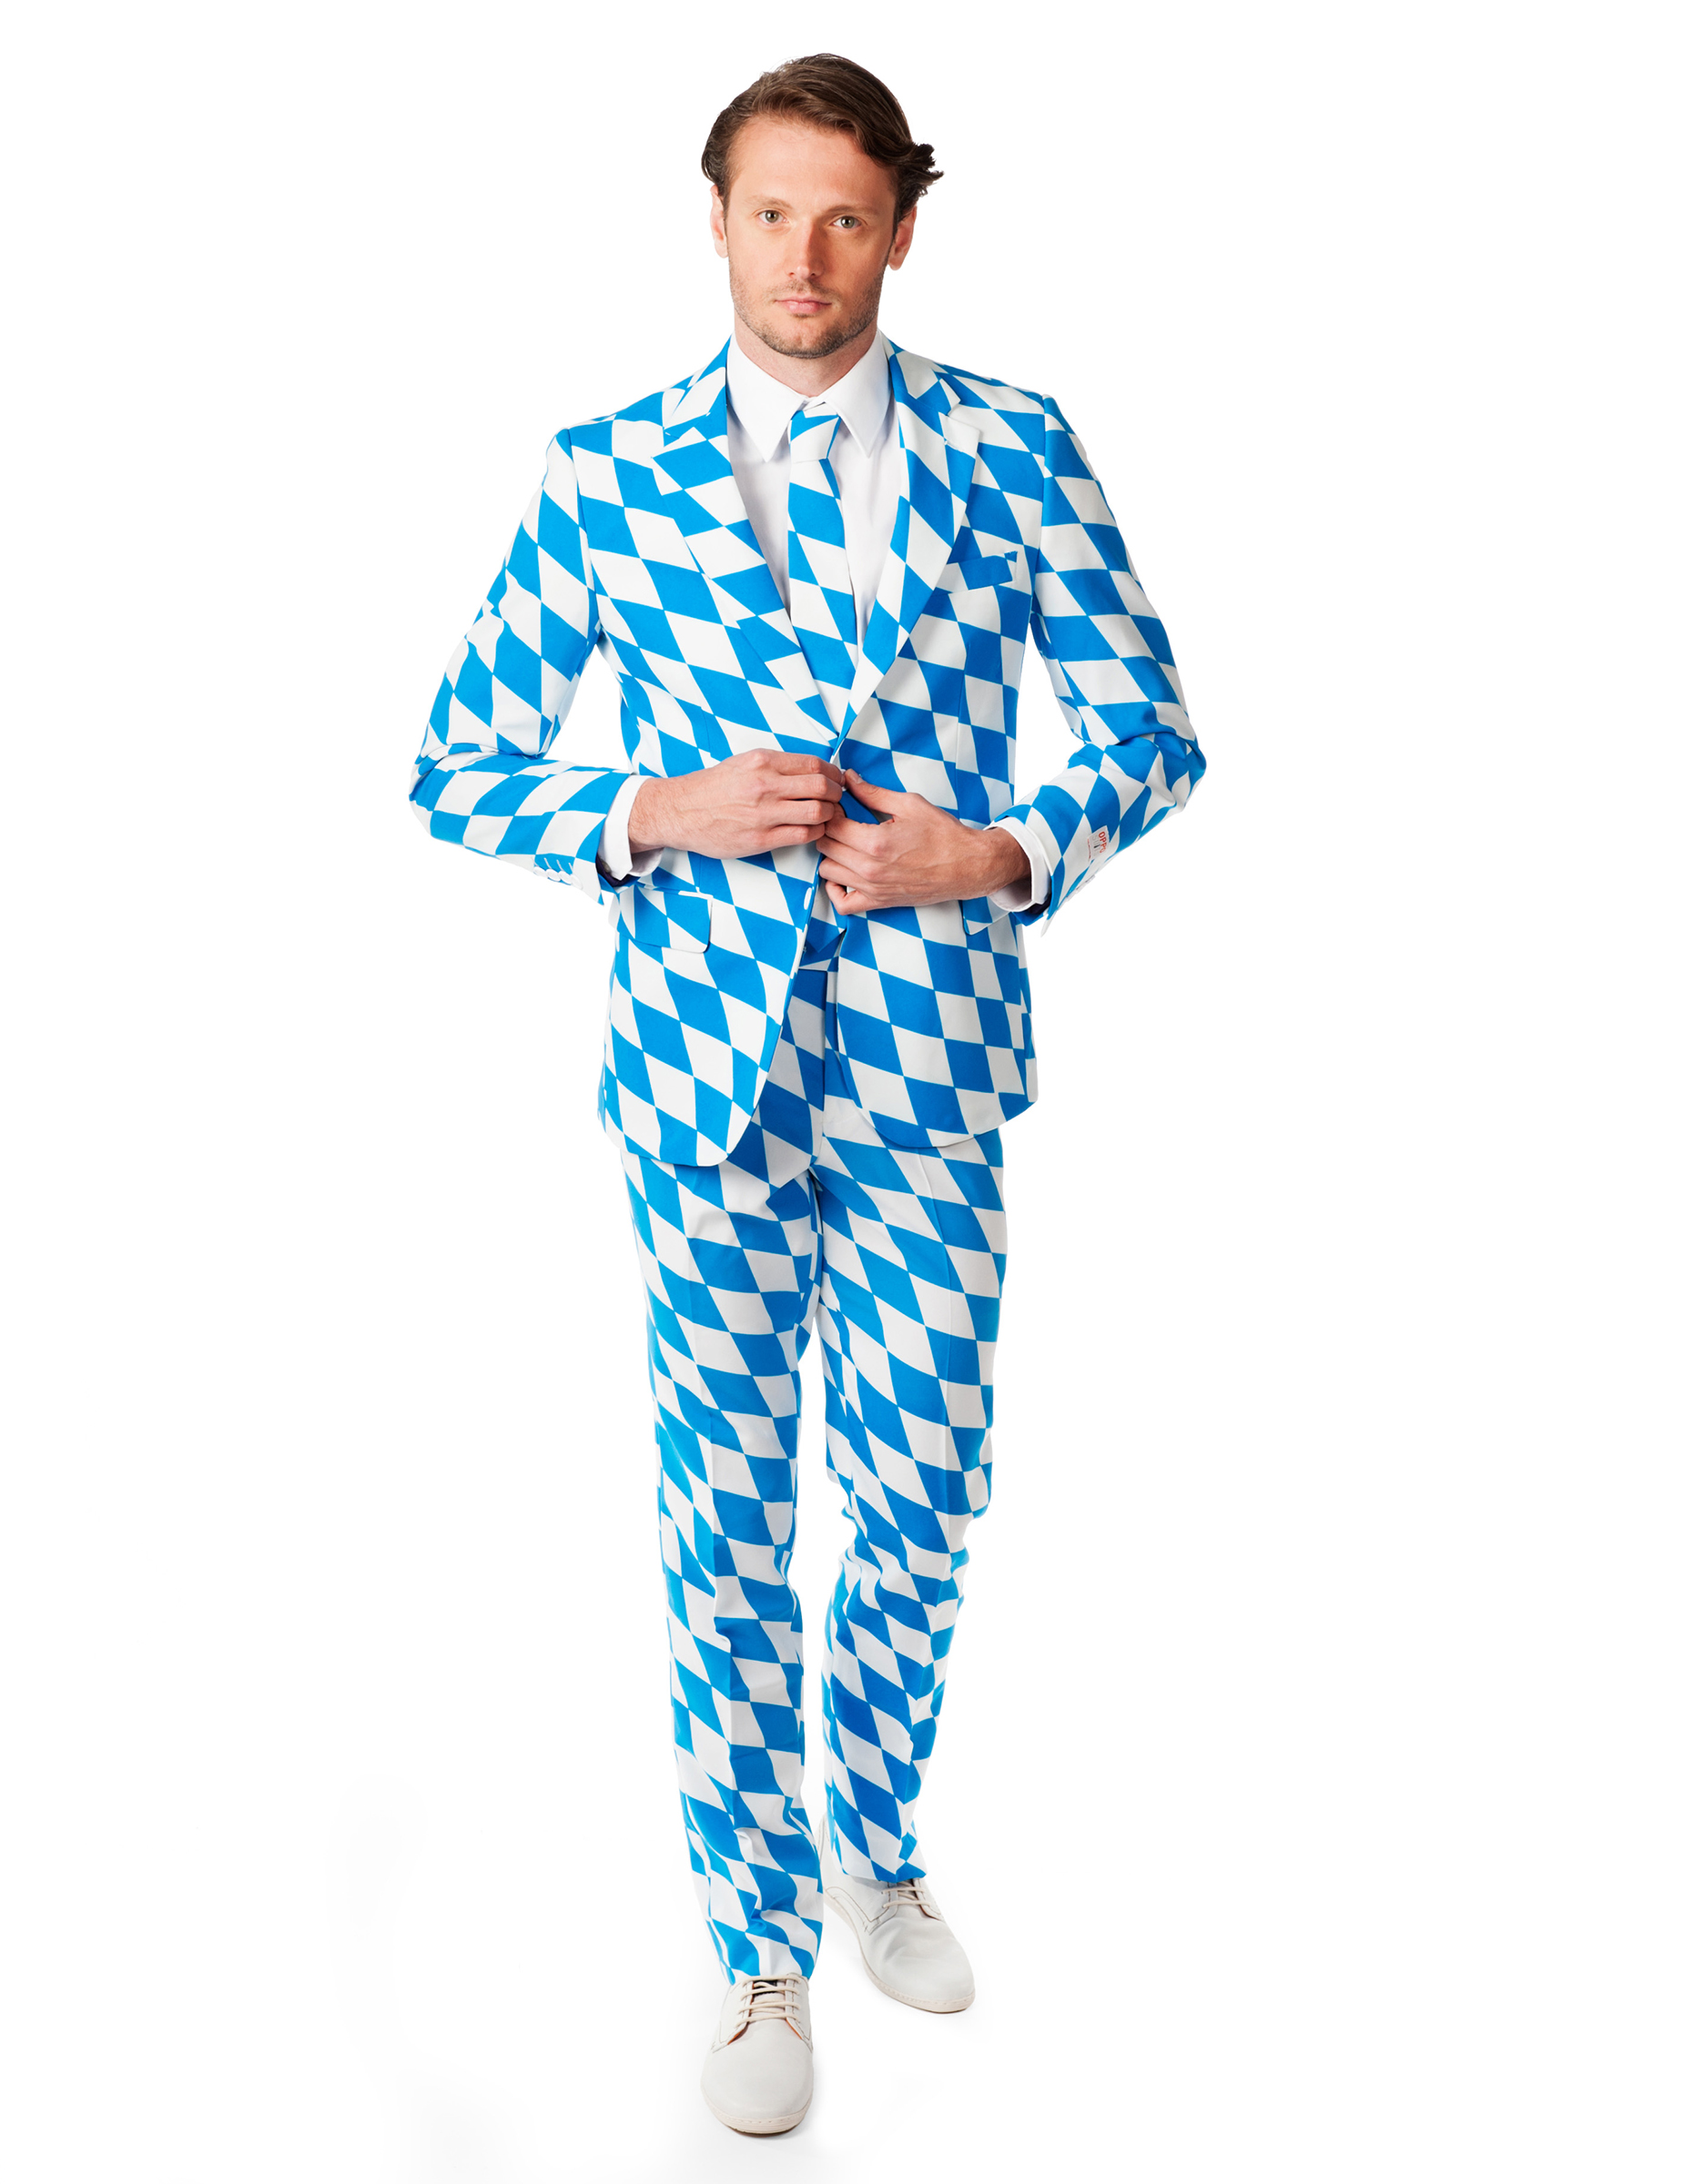 Sonderkauf Online kaufen weltweit bekannt Opposuits™ Mr. Bavarian Herren-Anzug blau-weiss